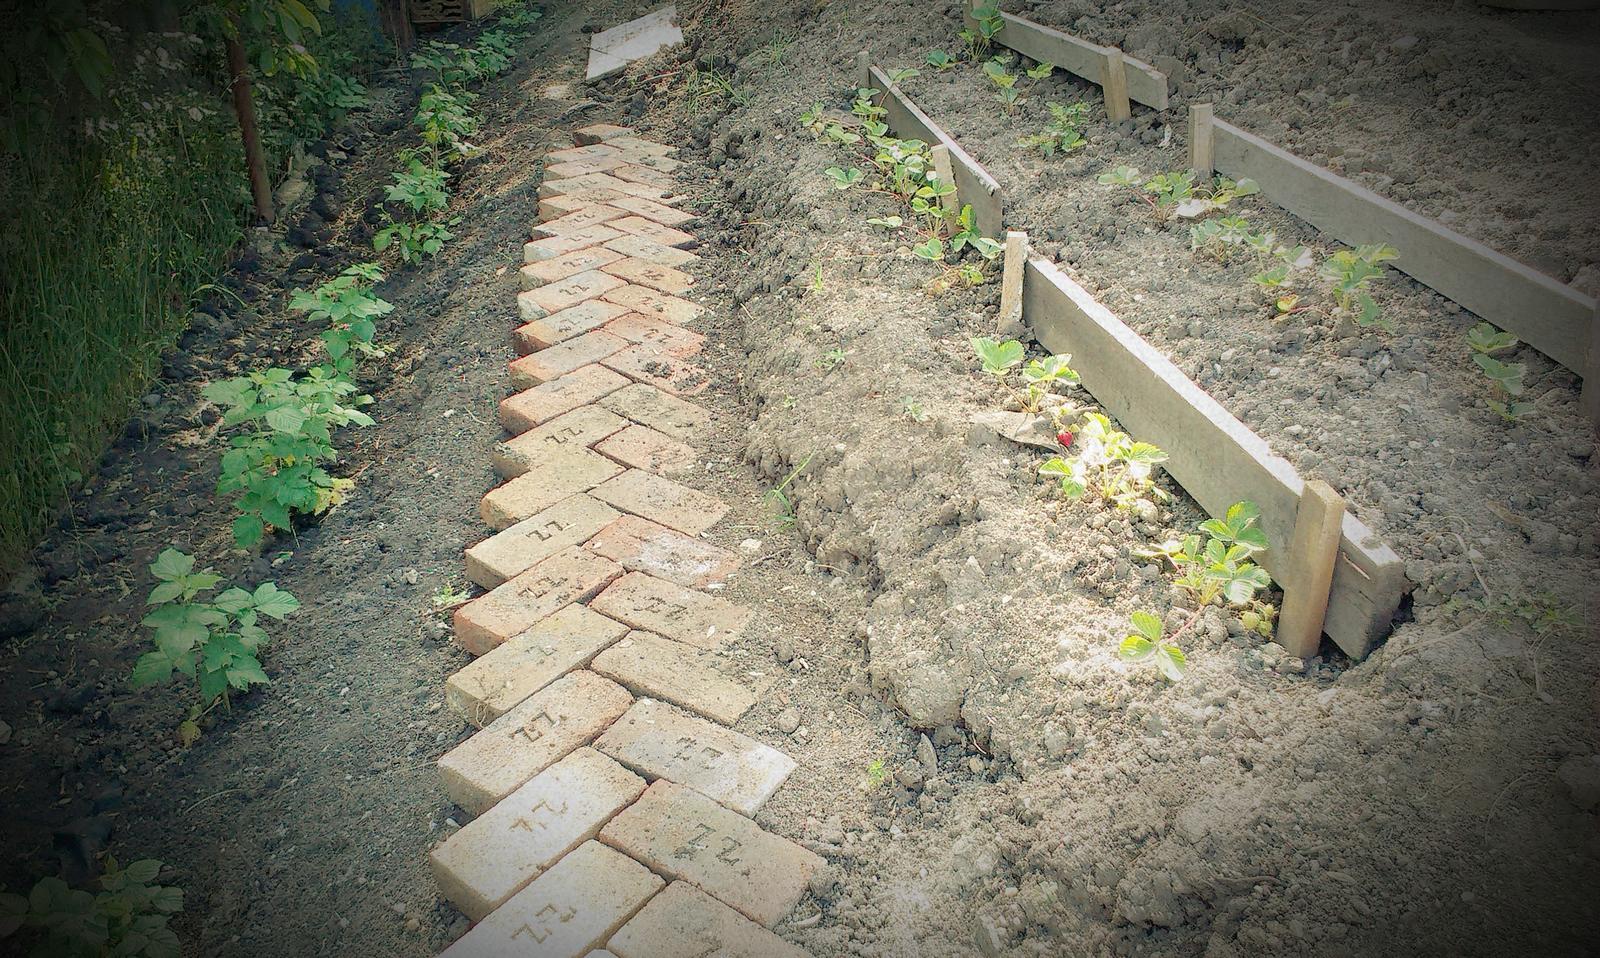 Záhrada - cesta z mesta... alebo skor do útrob úžitkovej záhrady